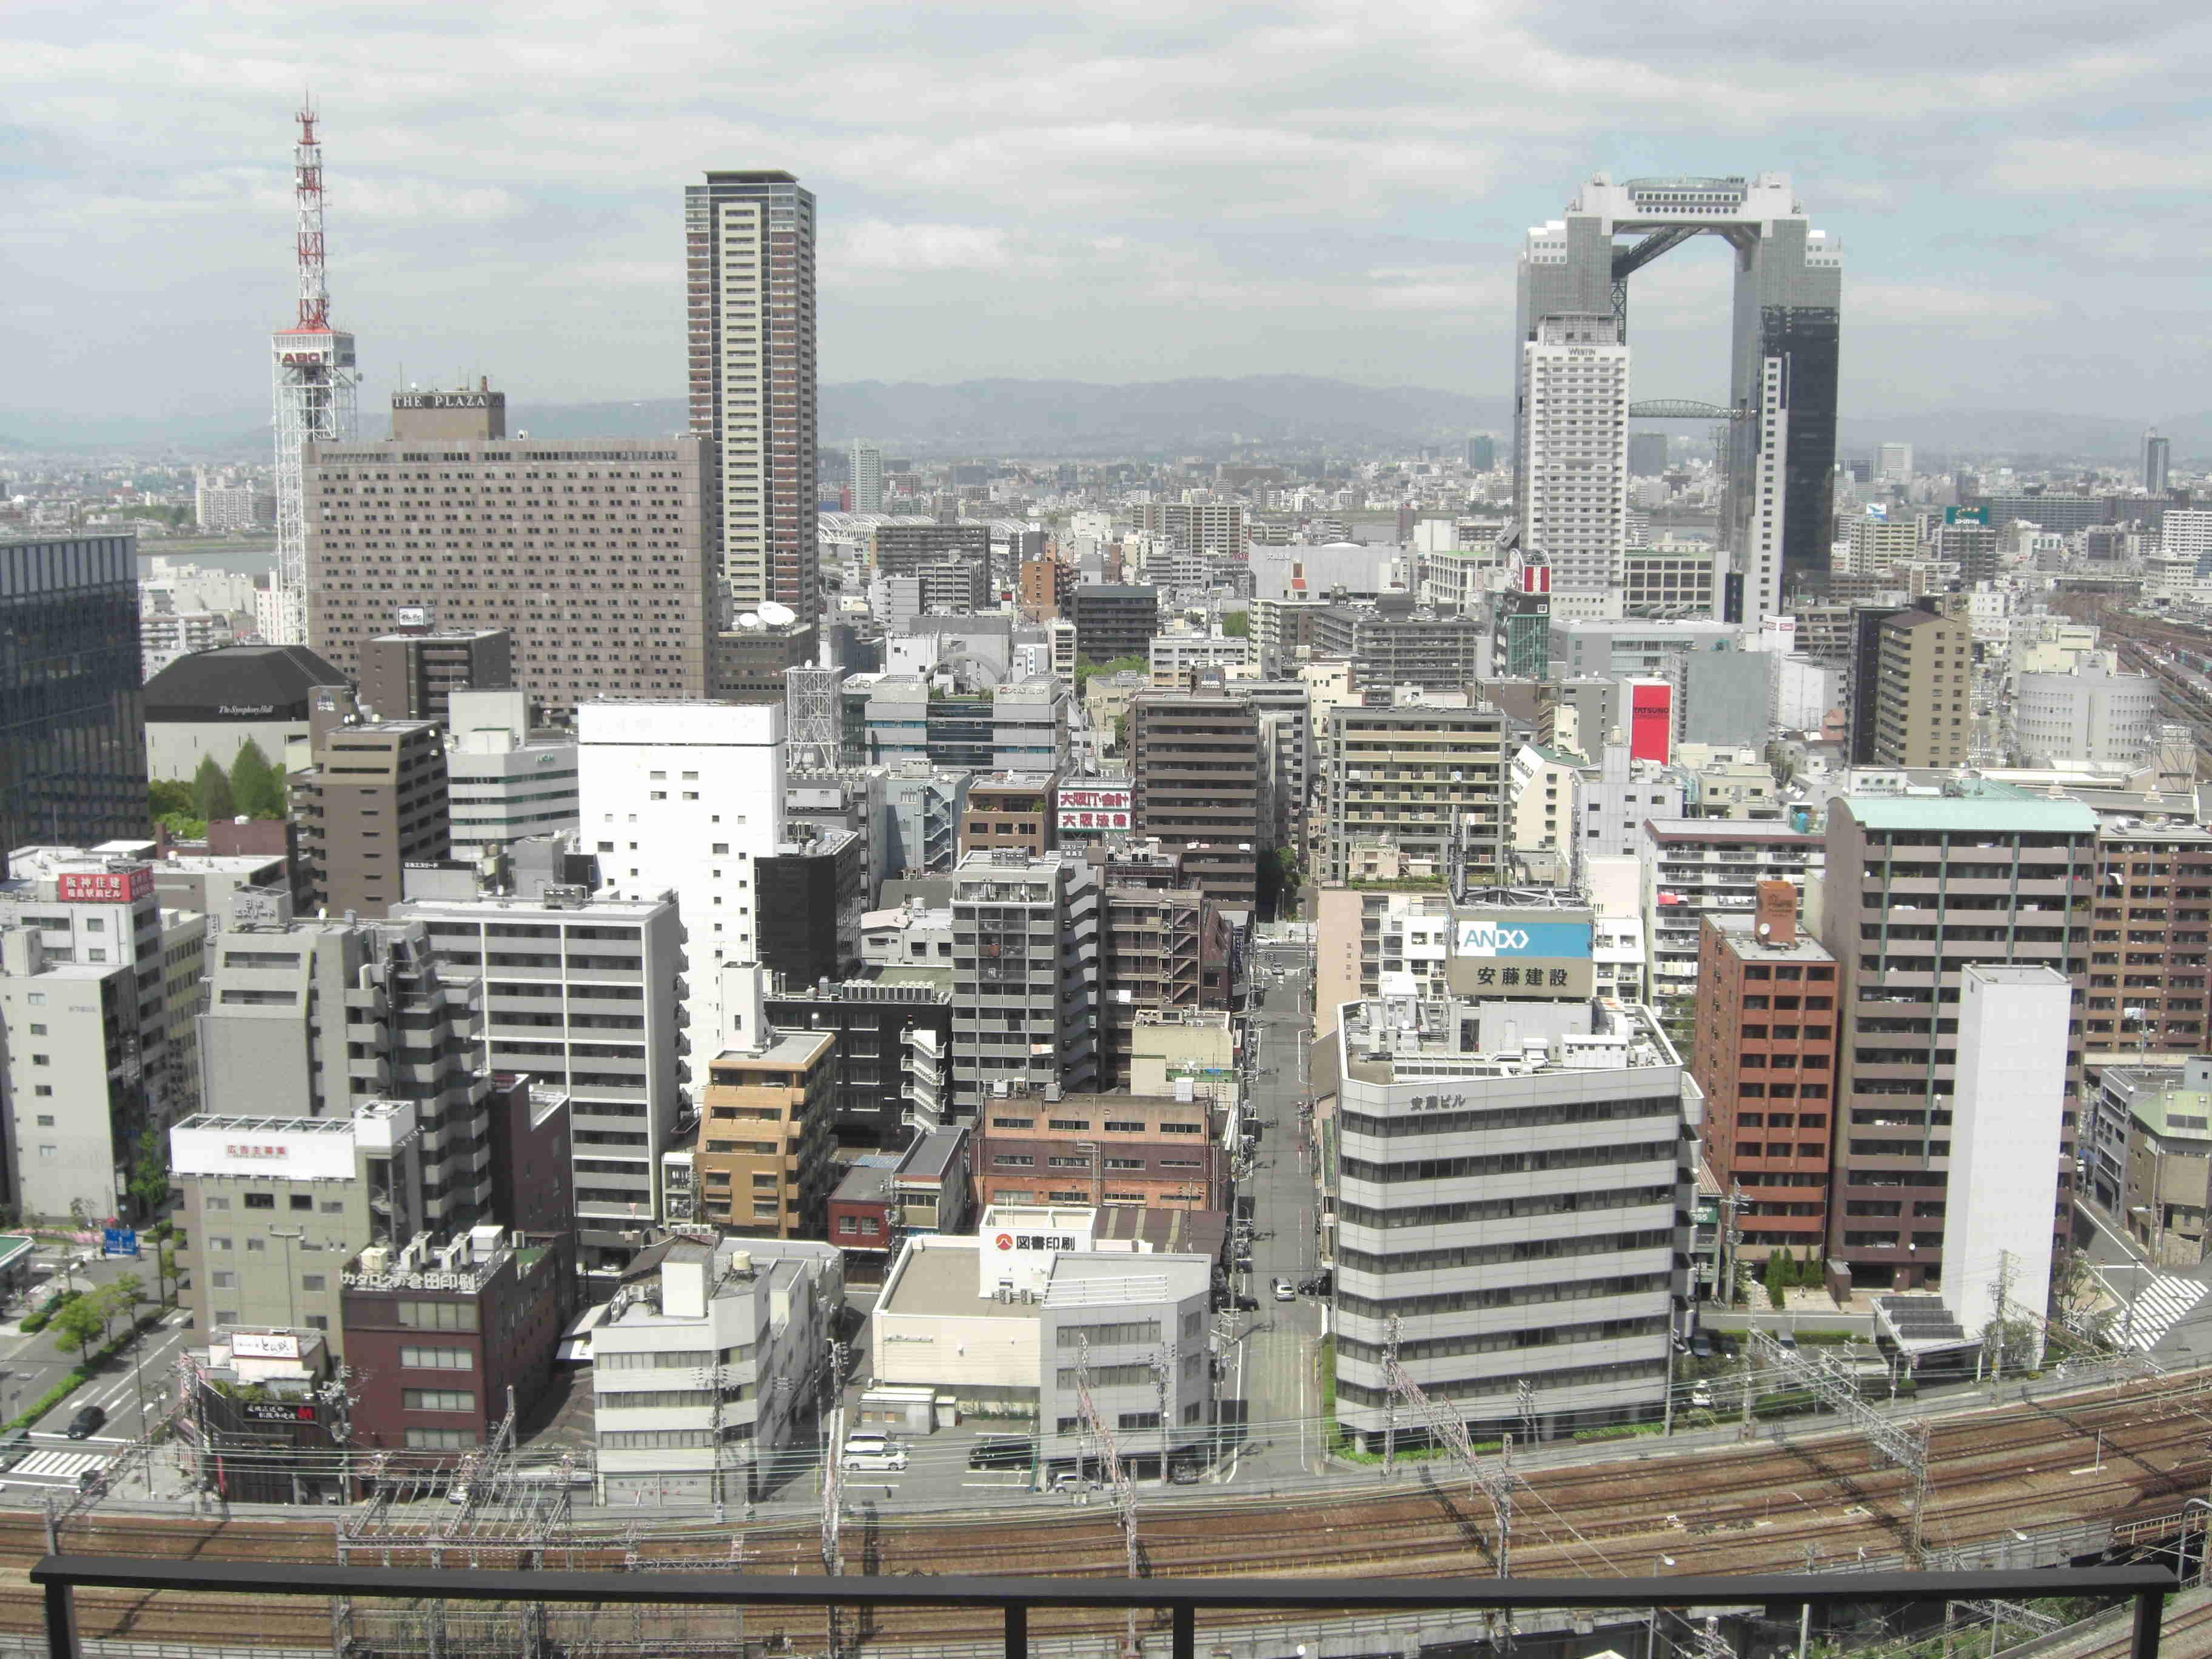 [午前出発]大阪市内観光貸切半日コース(4時間) 訪れたい観光地を2か所選ぼう!!